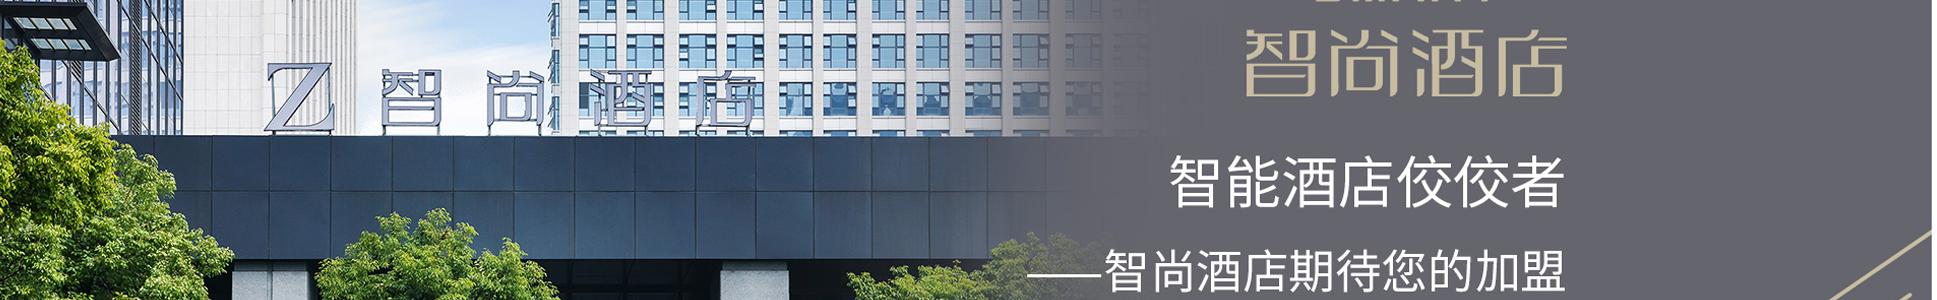 Zsmart智尚酒店zsjd_02